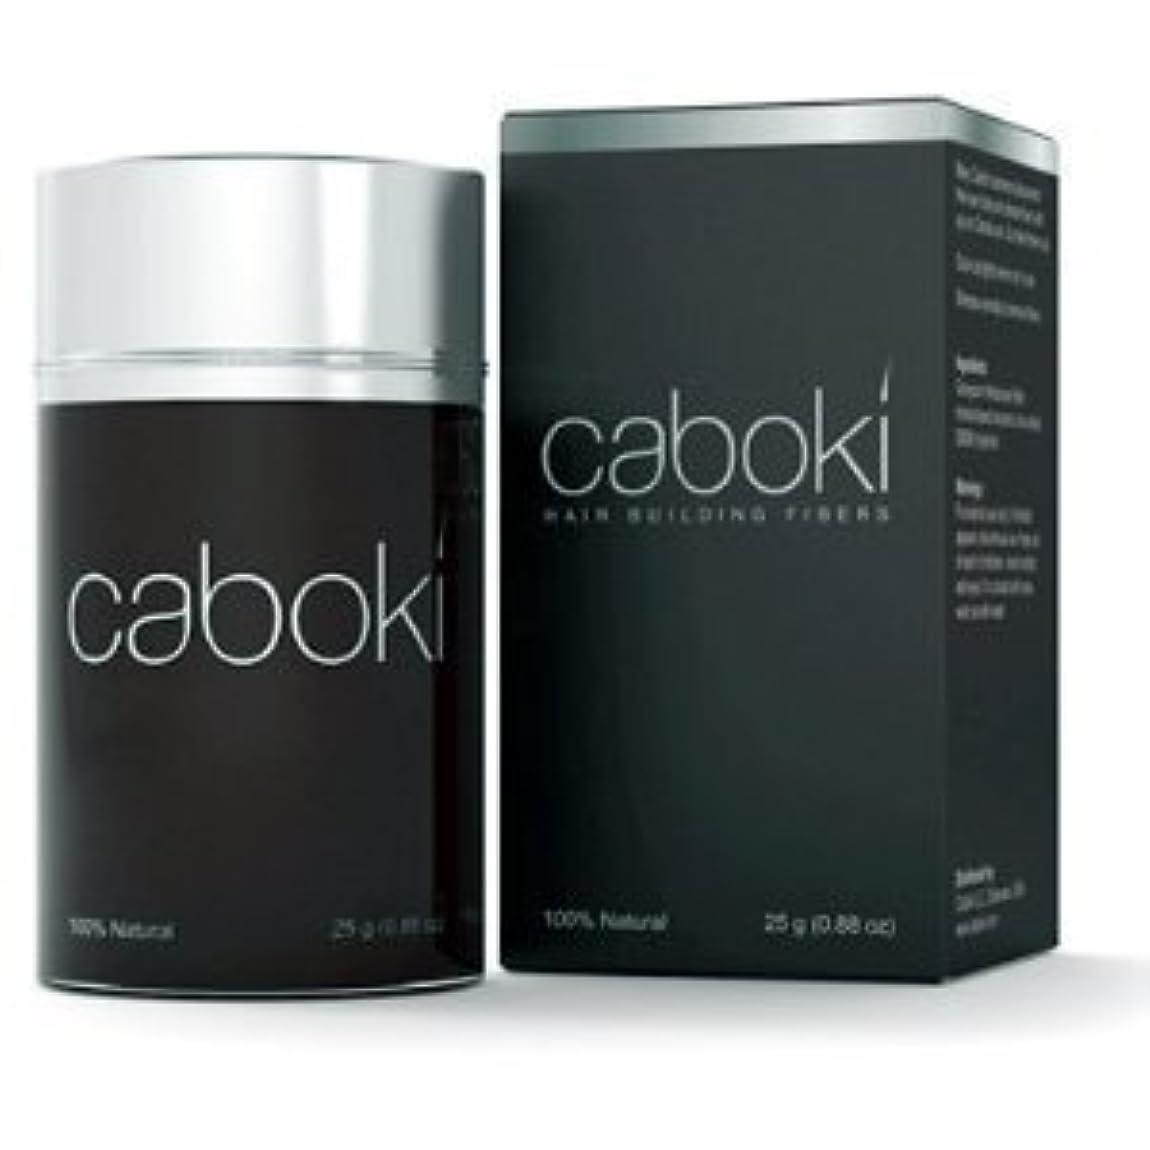 聴覚障害者パスタ祝うCaboki カボキコンシーラー 薄毛をカバー即座に増毛 約50日分 25g (ダークブラウン DarkBrown) [並行輸入品]